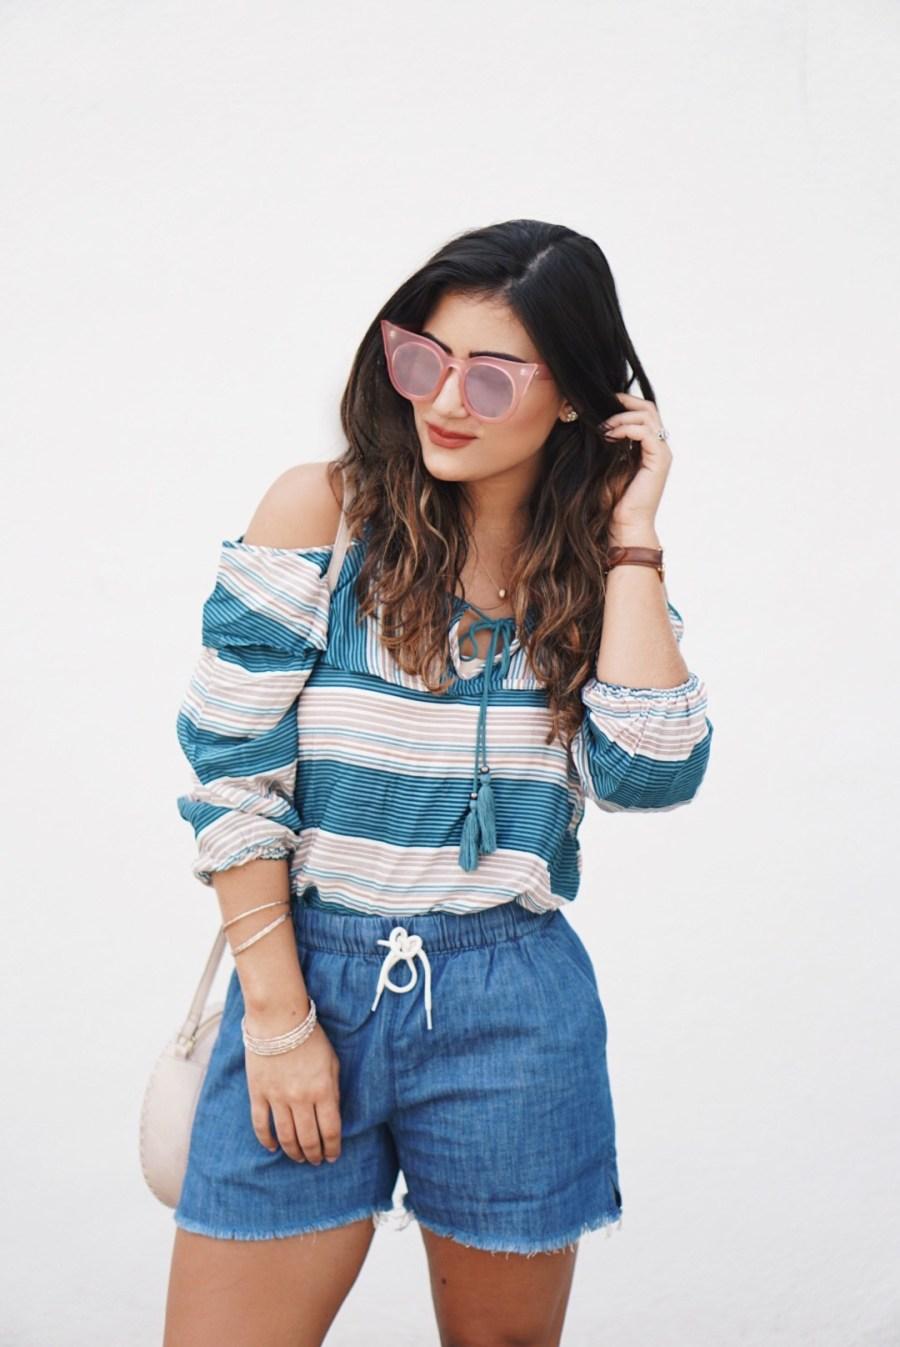 Sugar Love Chic blogger Krista Perez style Wild Blue Denim Cold Shoulder Top under $45